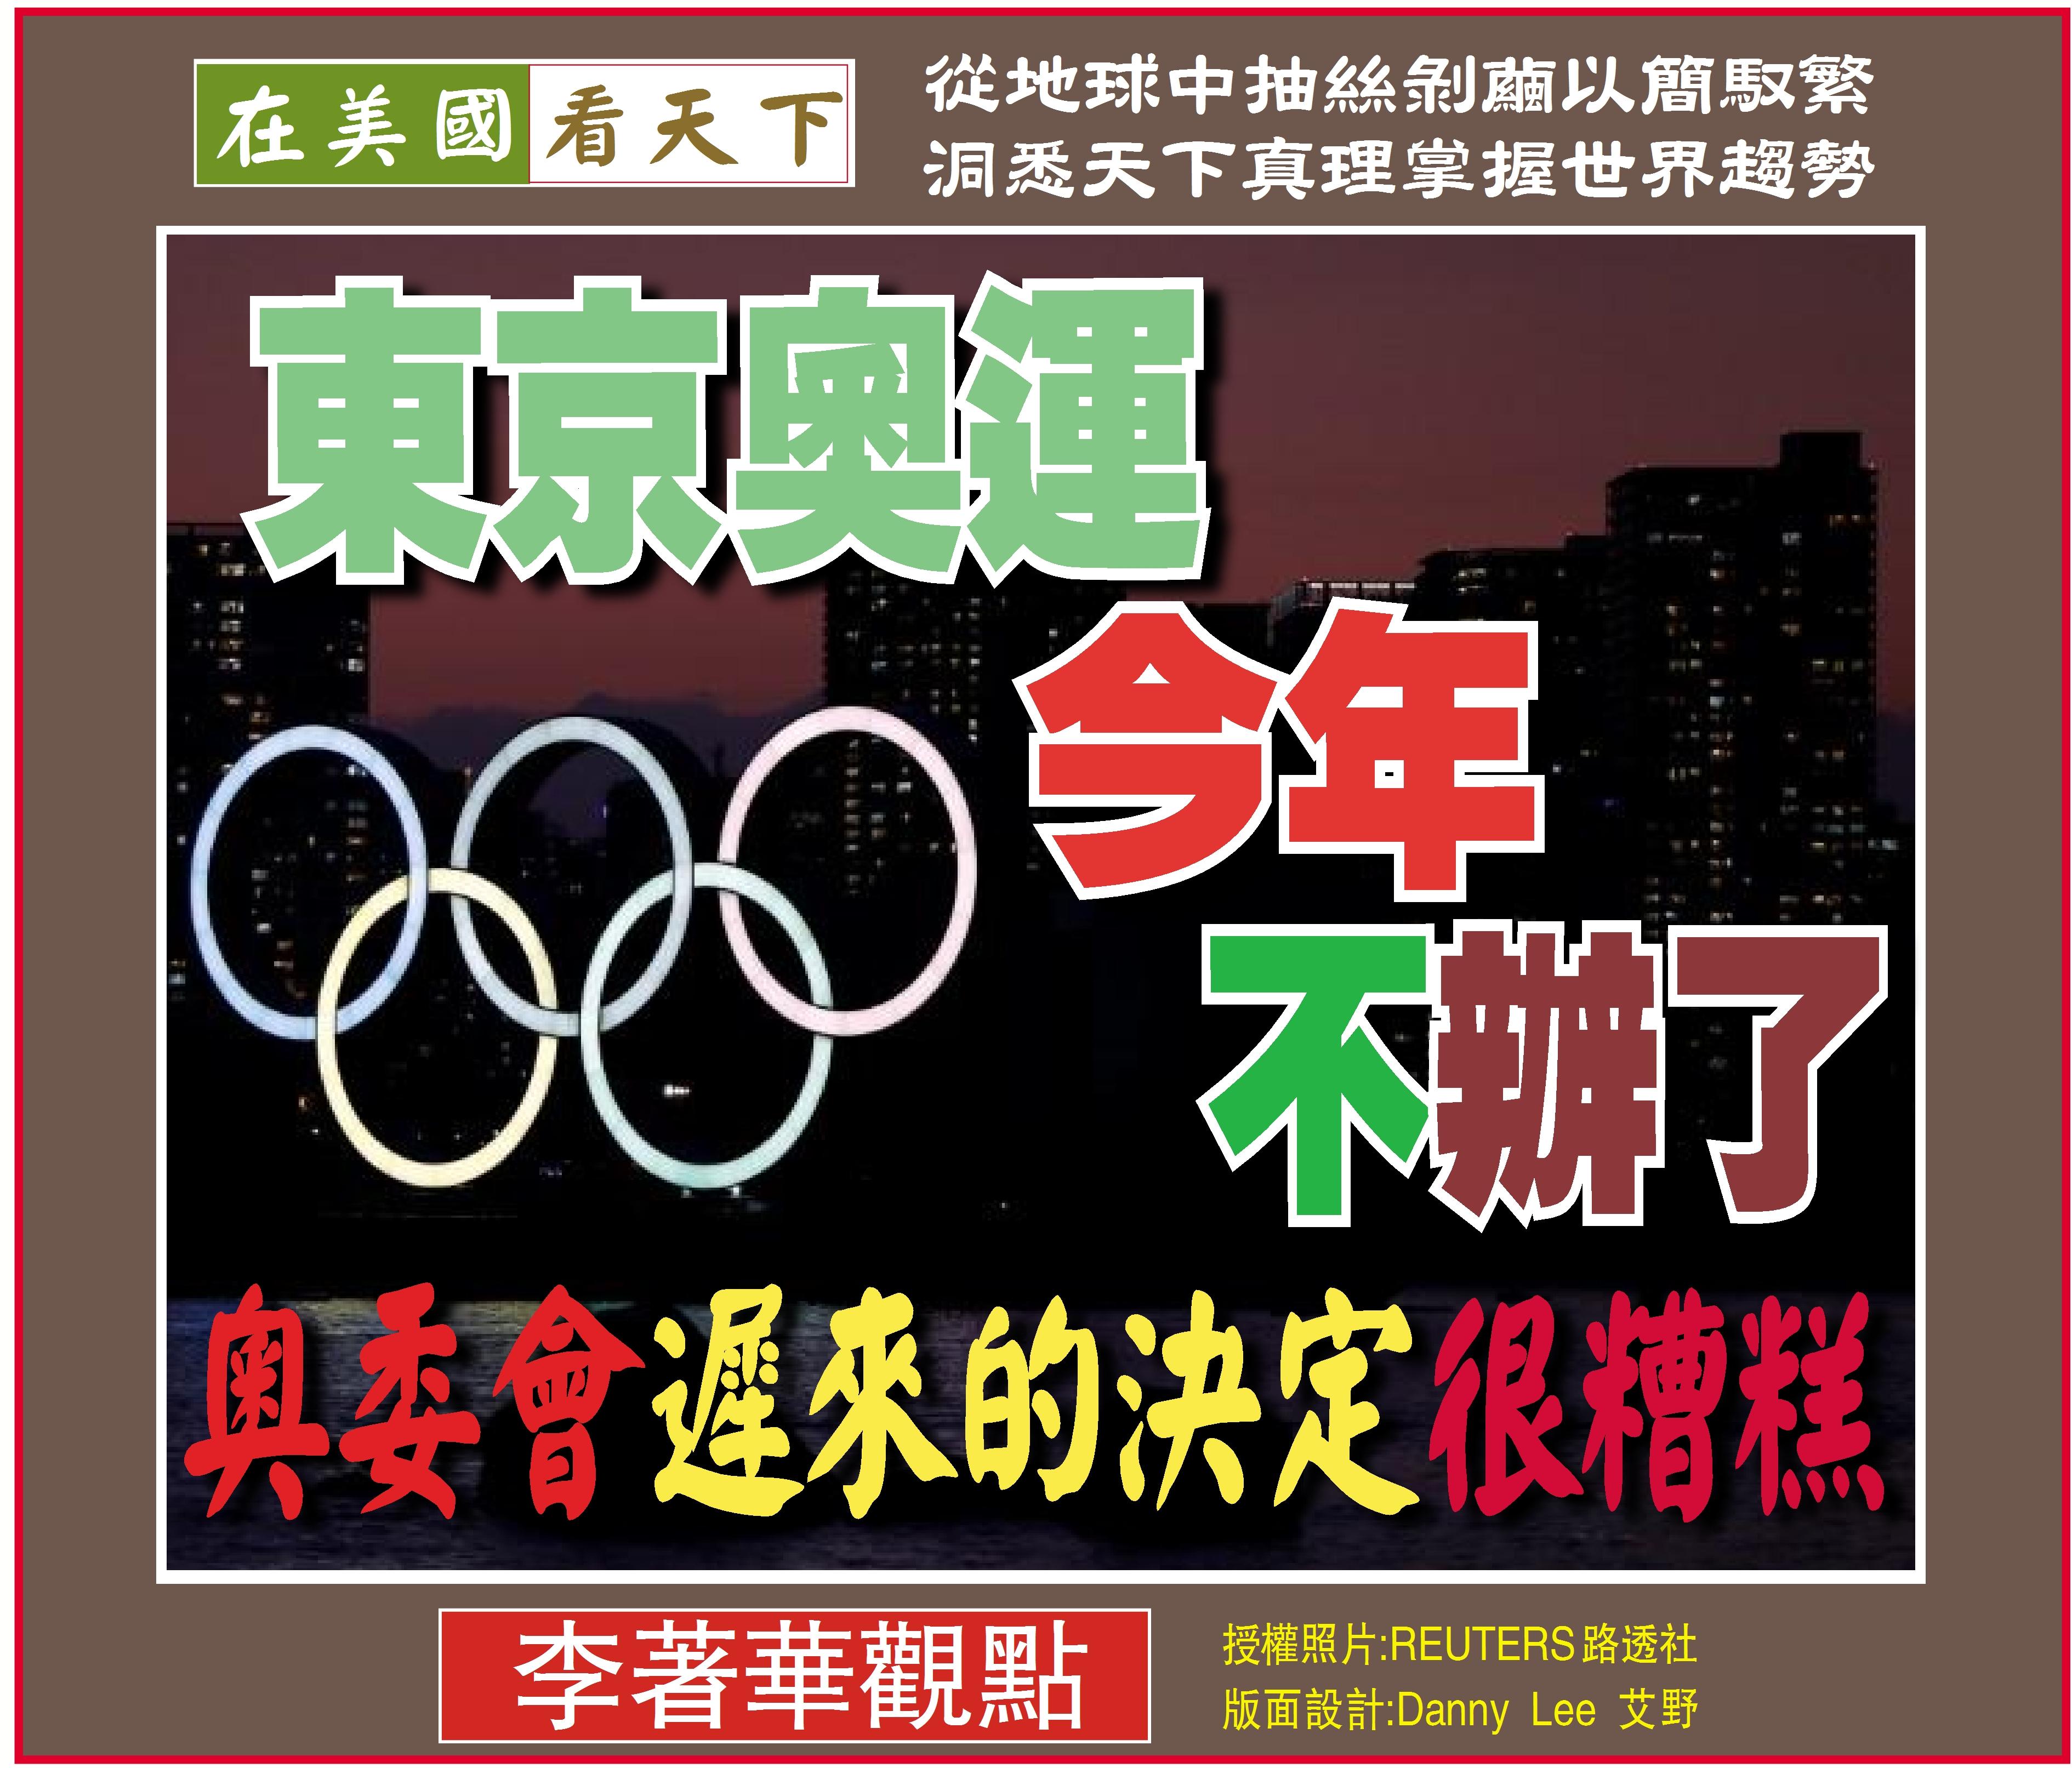 032320-東京奧運今年不辦了-奧委會遲來的決定很糟糕-1